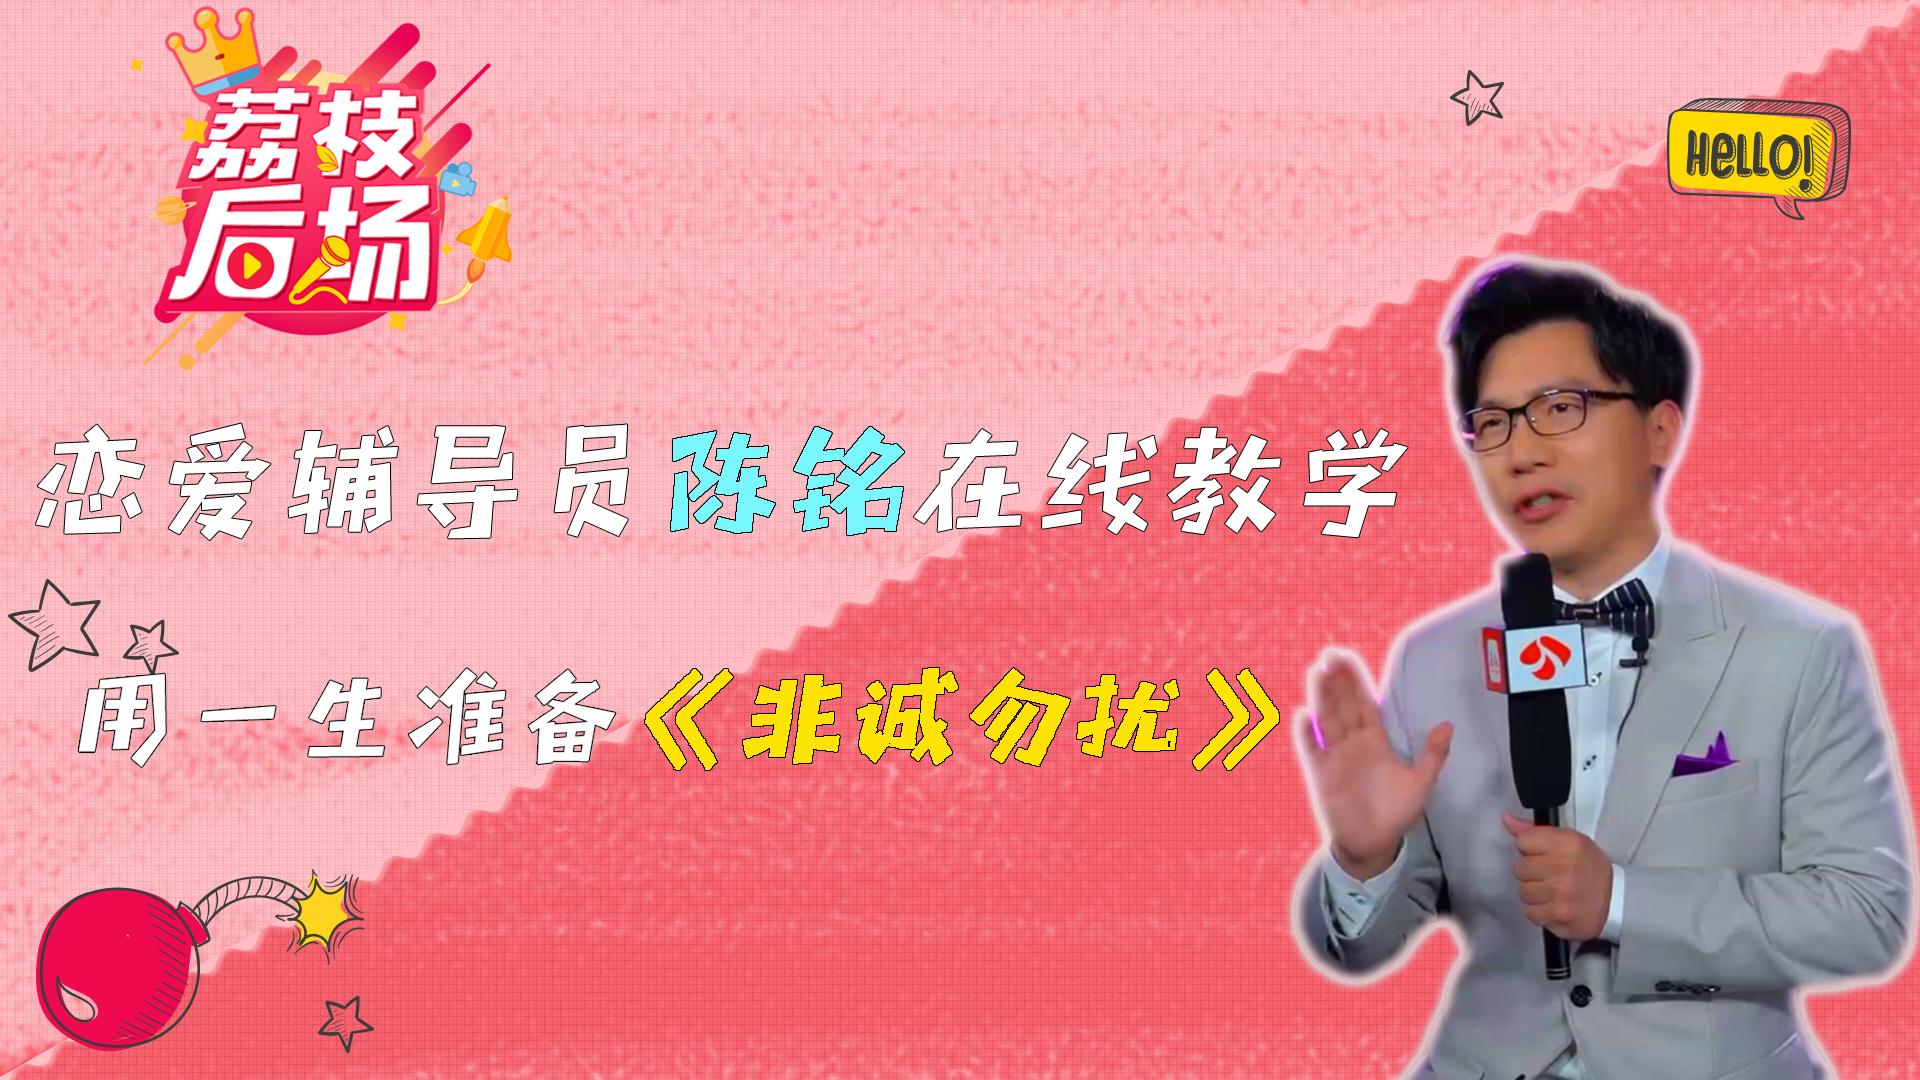 荔枝后场|恋爱辅导员陈铭在线教学 用一生准备《非诚勿扰》!